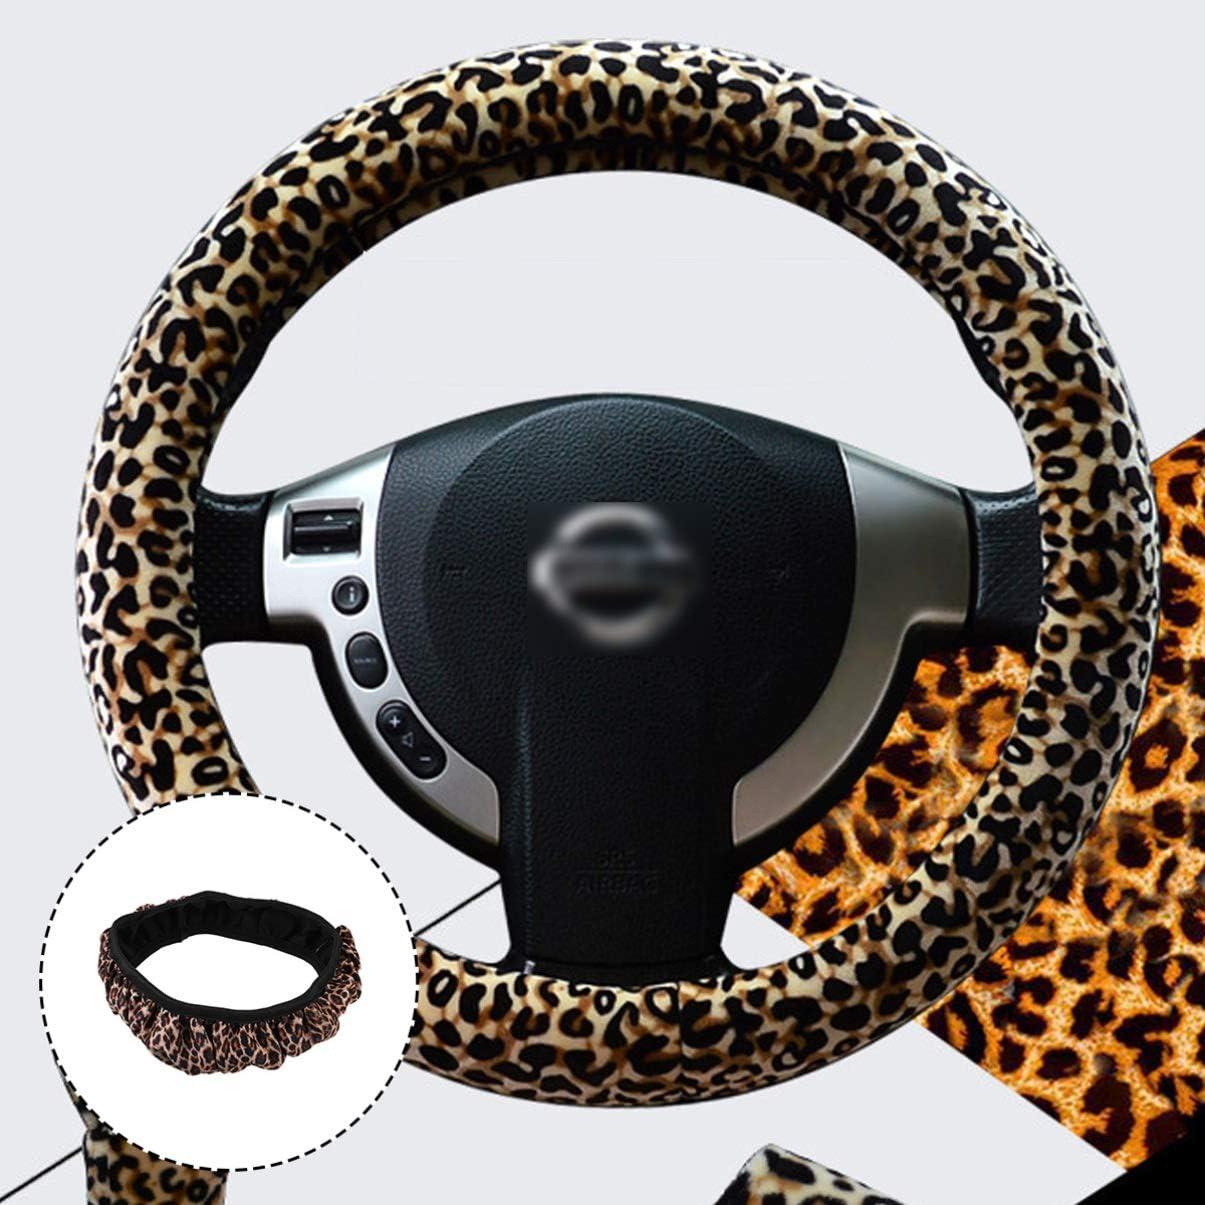 BESPORTBLE Coprivolante Coprivolante Coprivolante Decorativo Leopardato Copriruota per Auto Accessori Interni per Auto per Auto Veicolo